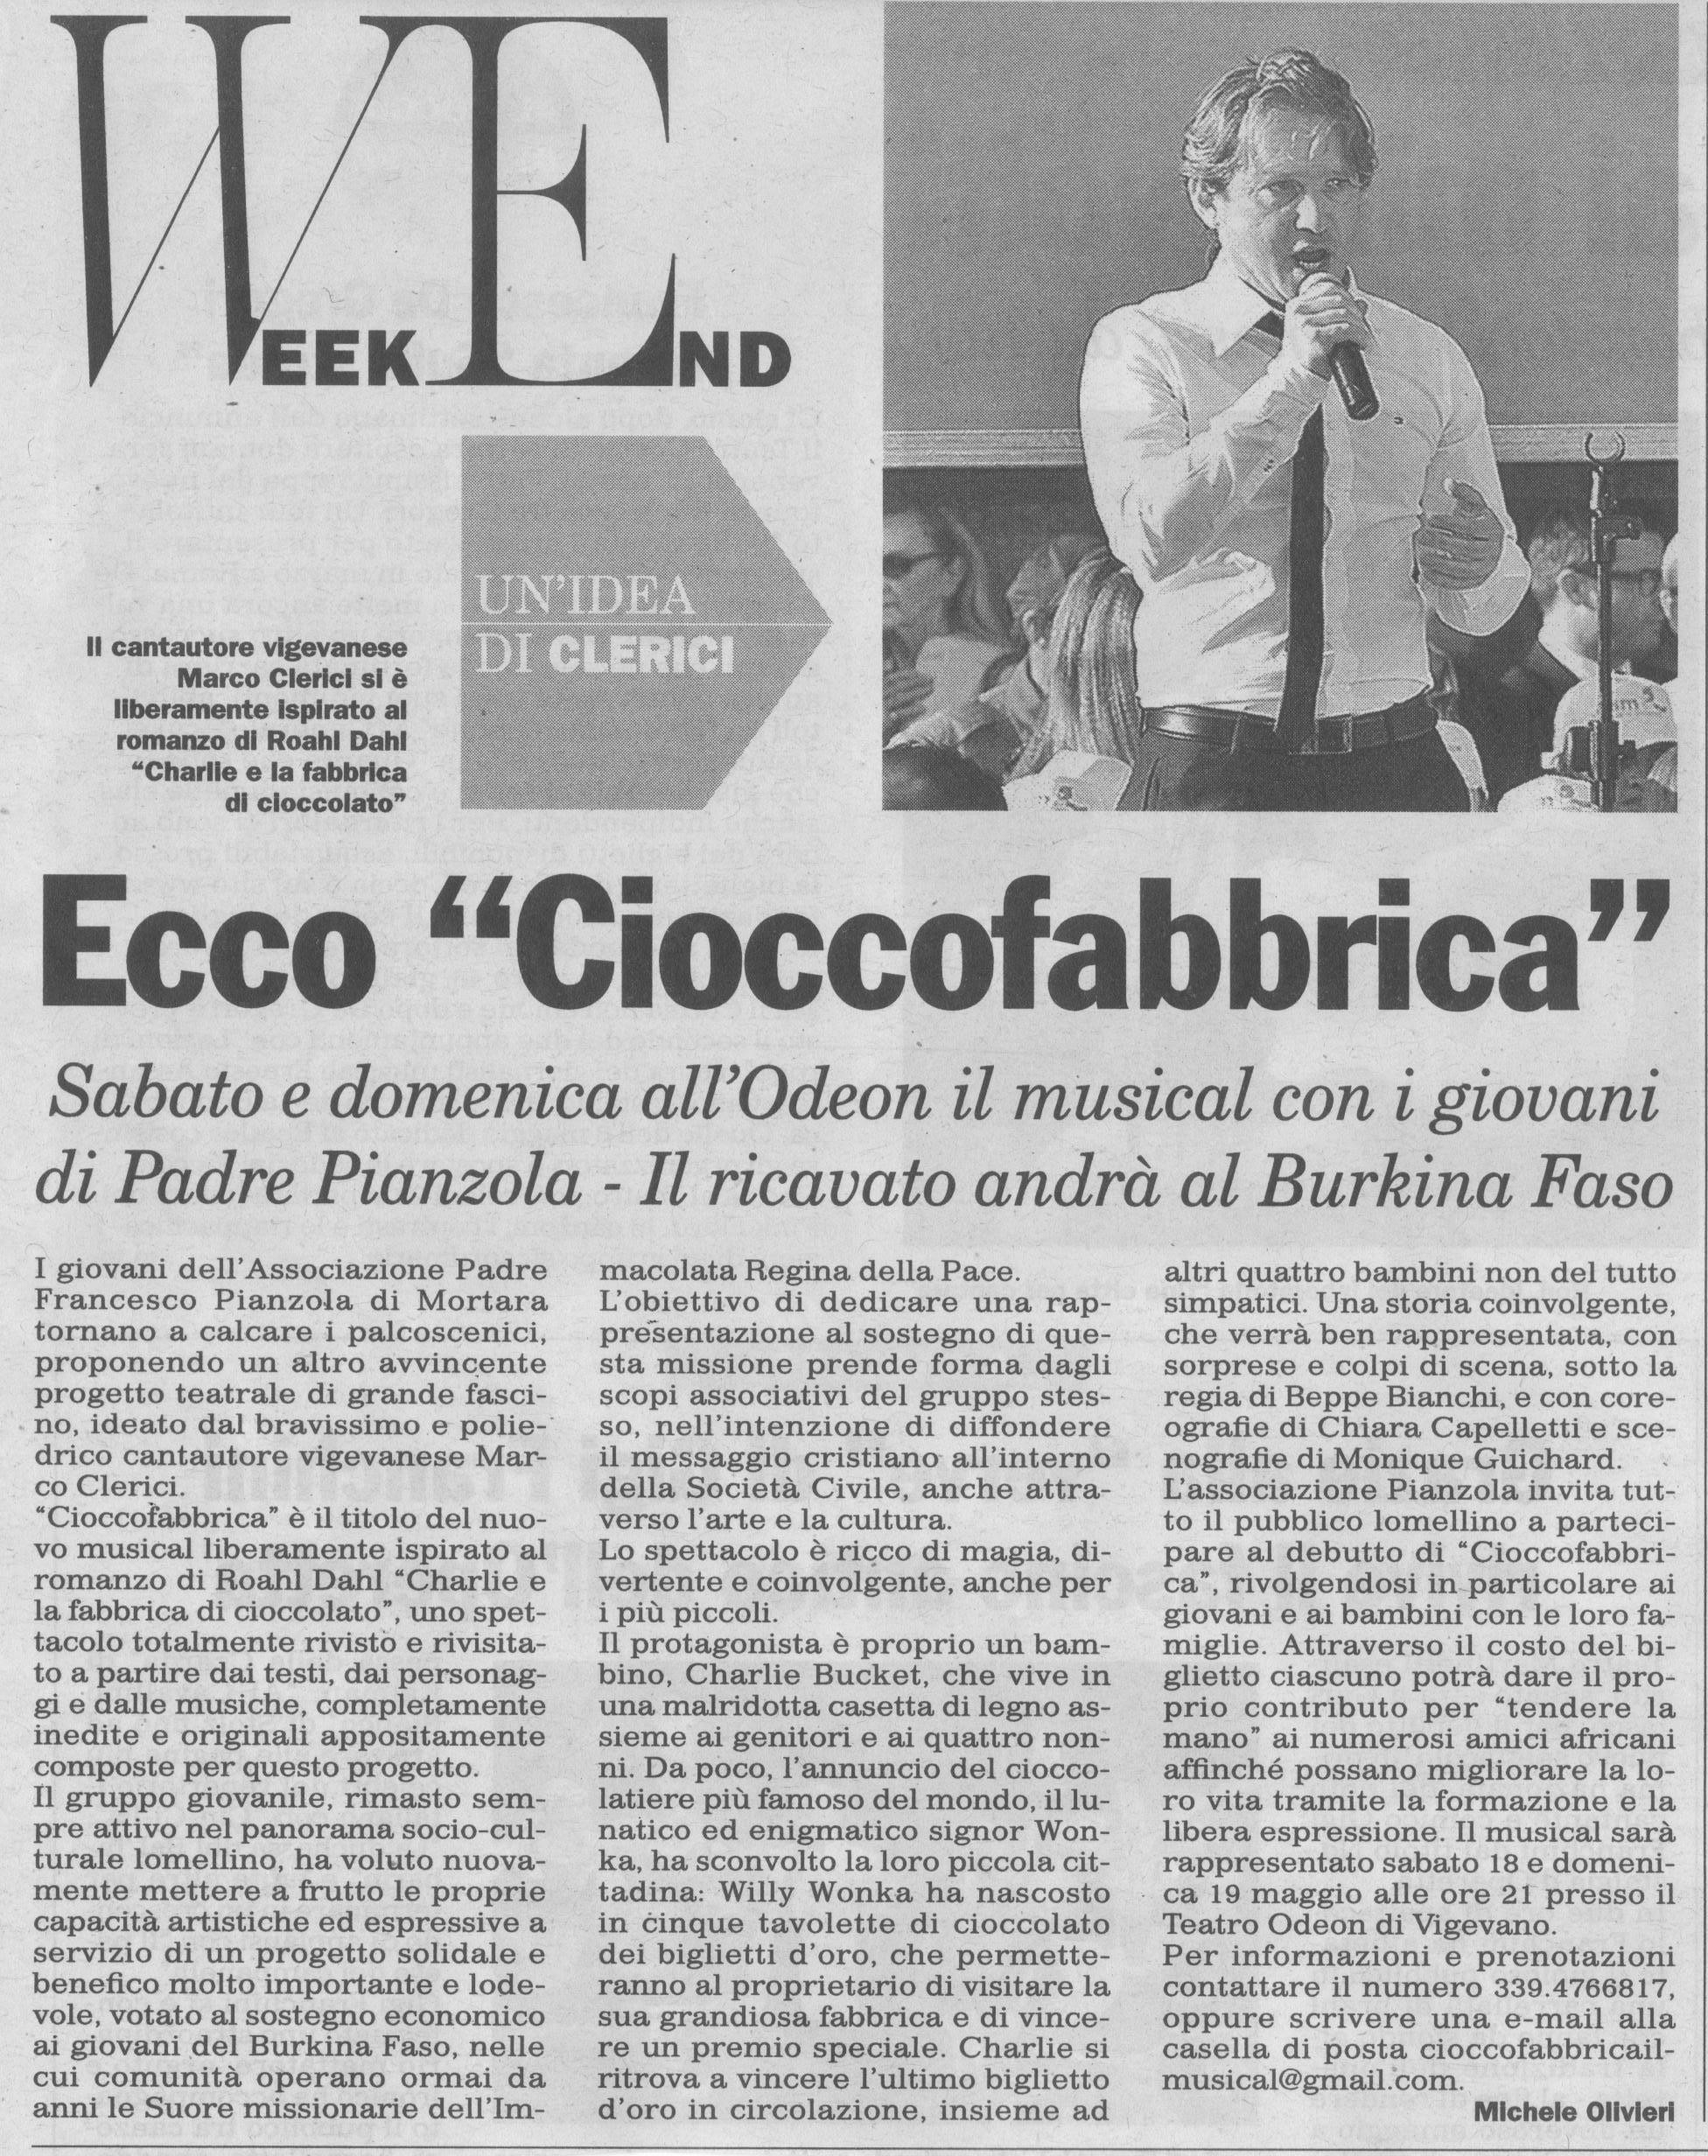 Associazione Giovani Pianzola Cioccofabbrica - Il Musical